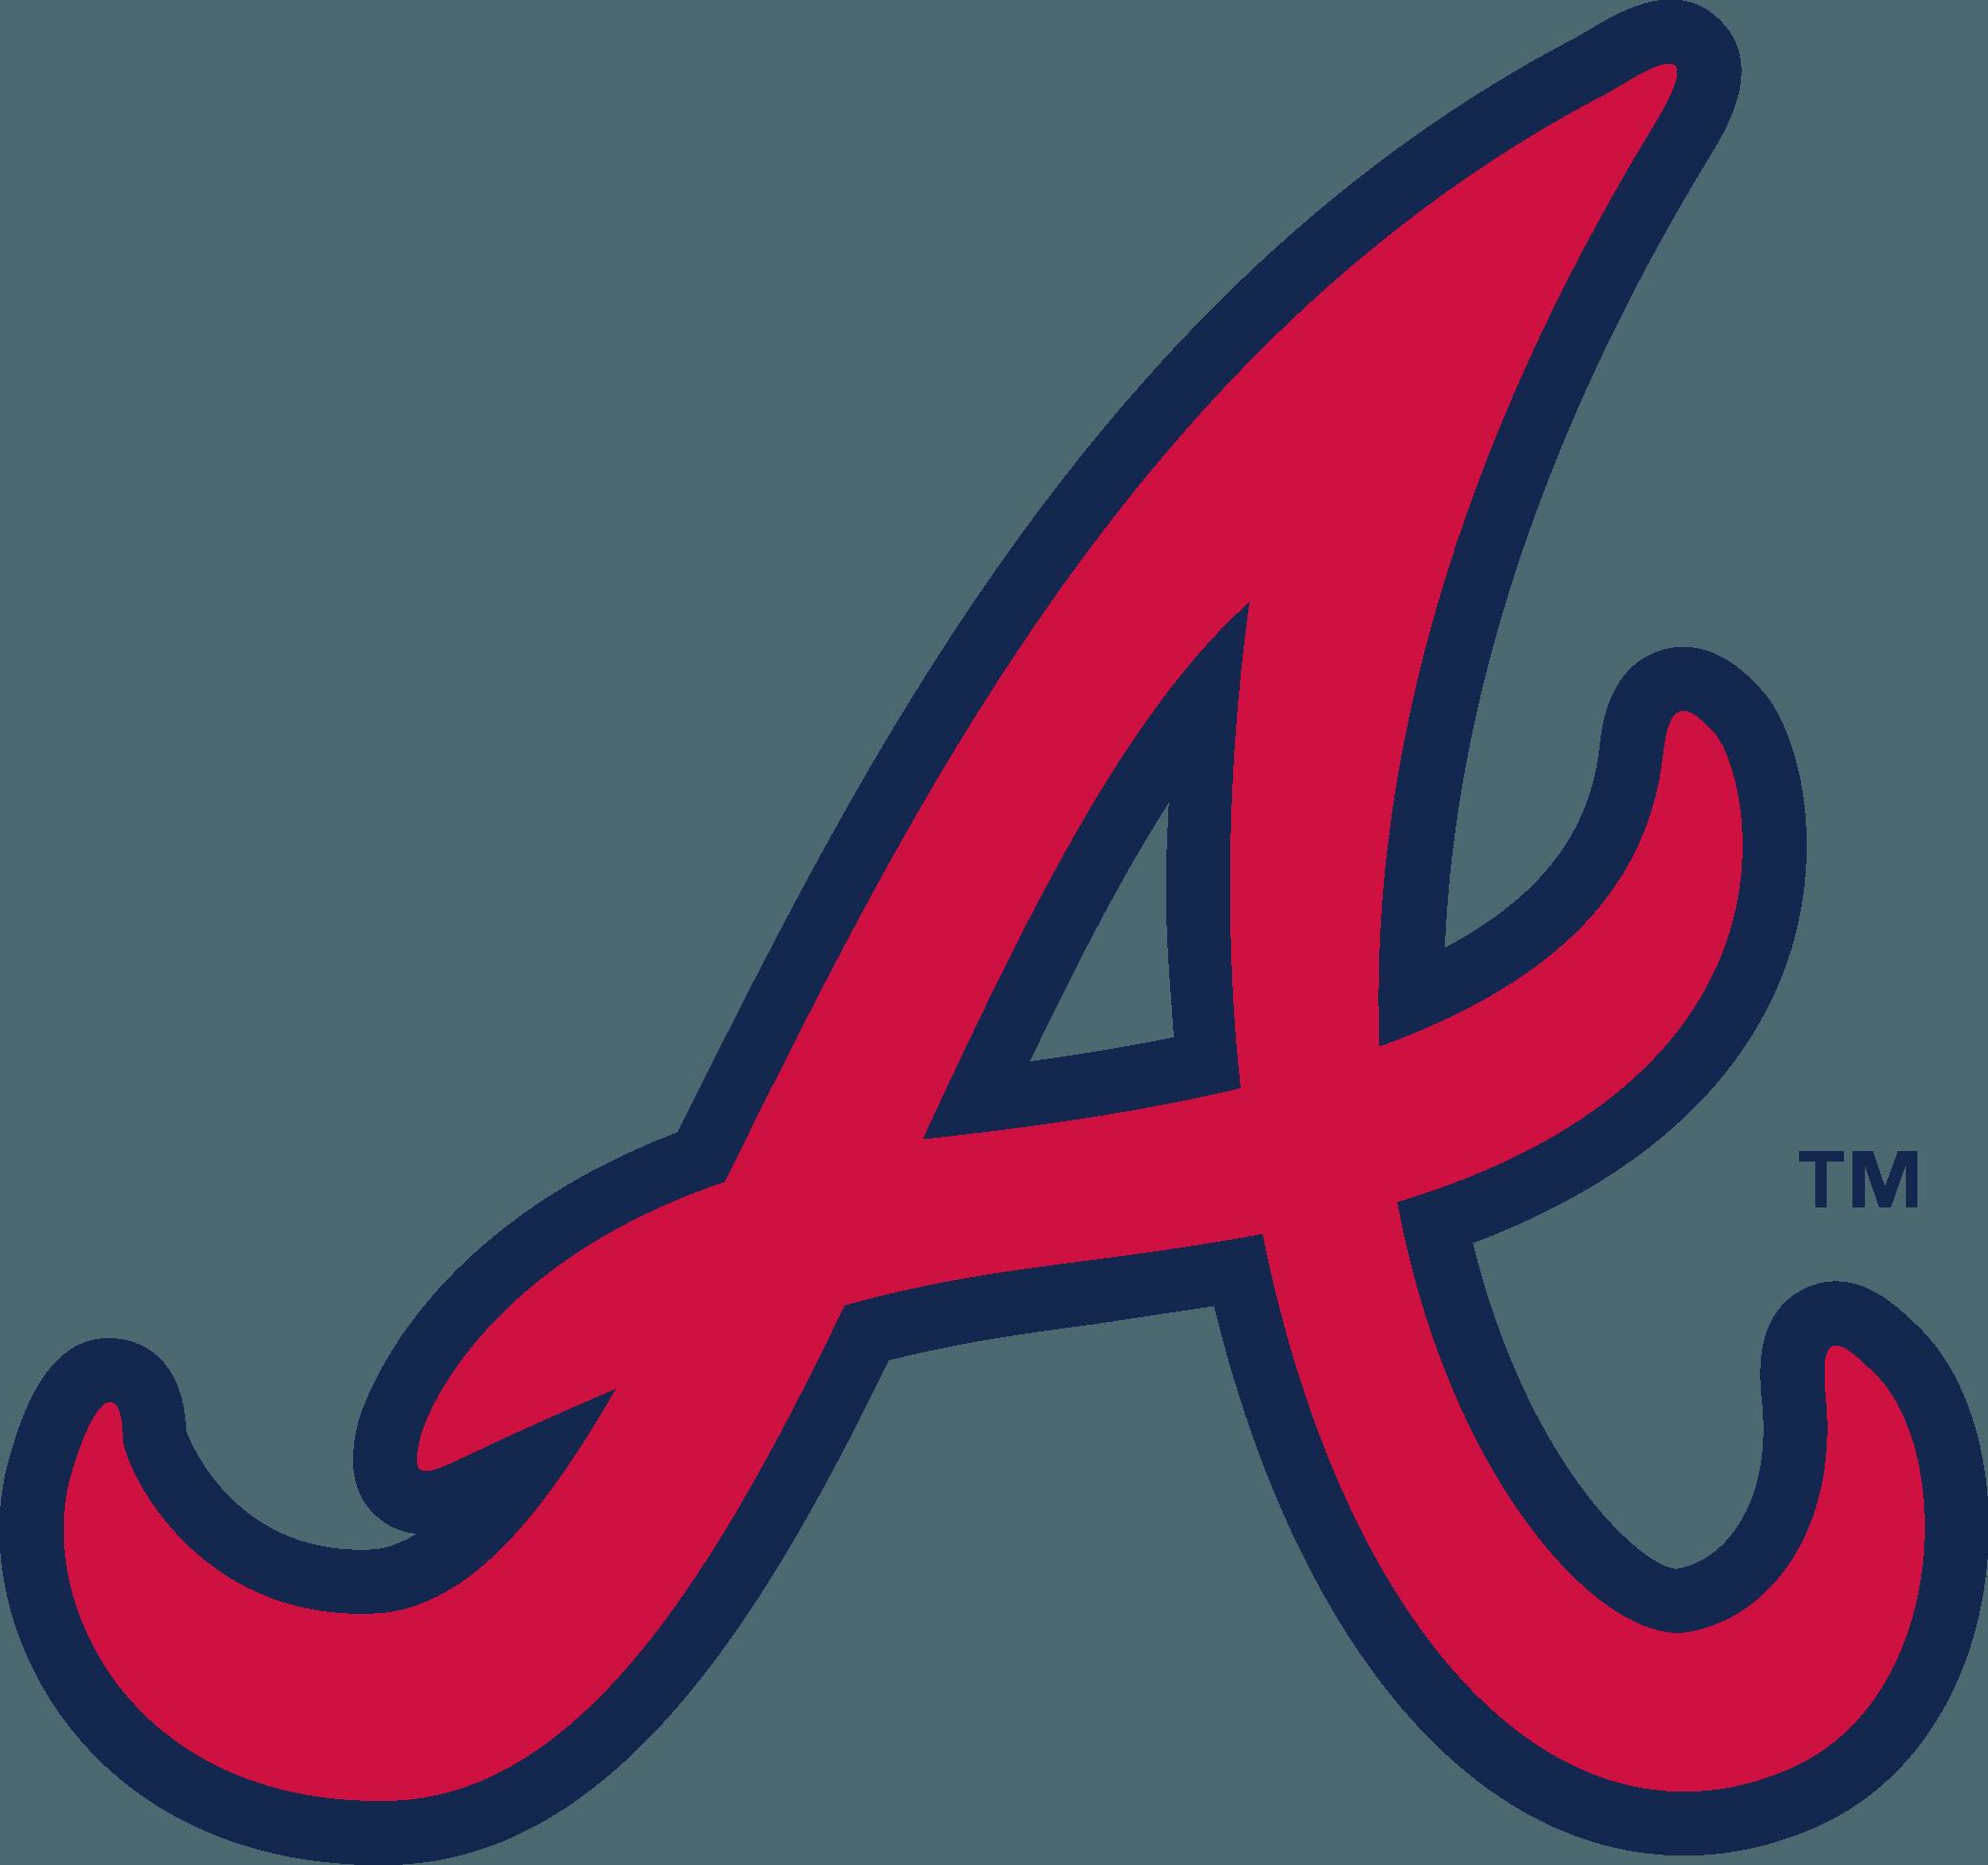 Atlanta Braves Logo Png Image Atlanta Braves Logo Atlanta Braves Baseball Braves